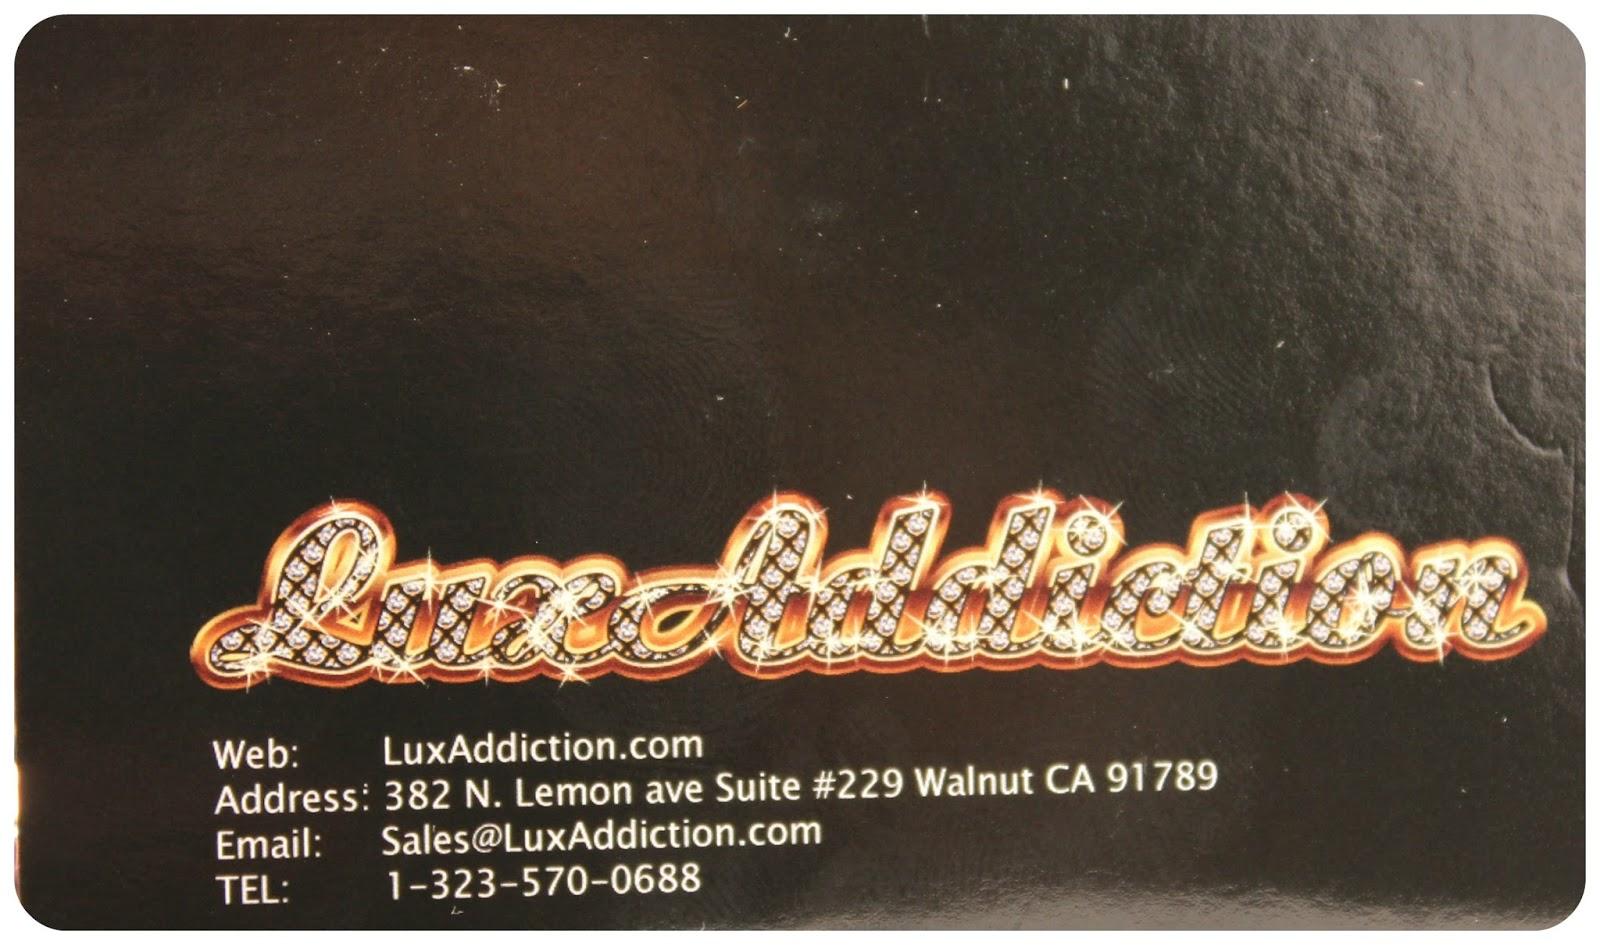 Case Design lux addiction phone case : ... Beauty Over 50!: iPhone 5 ~ Crystal iPhone 5 Case from Lux Addiction